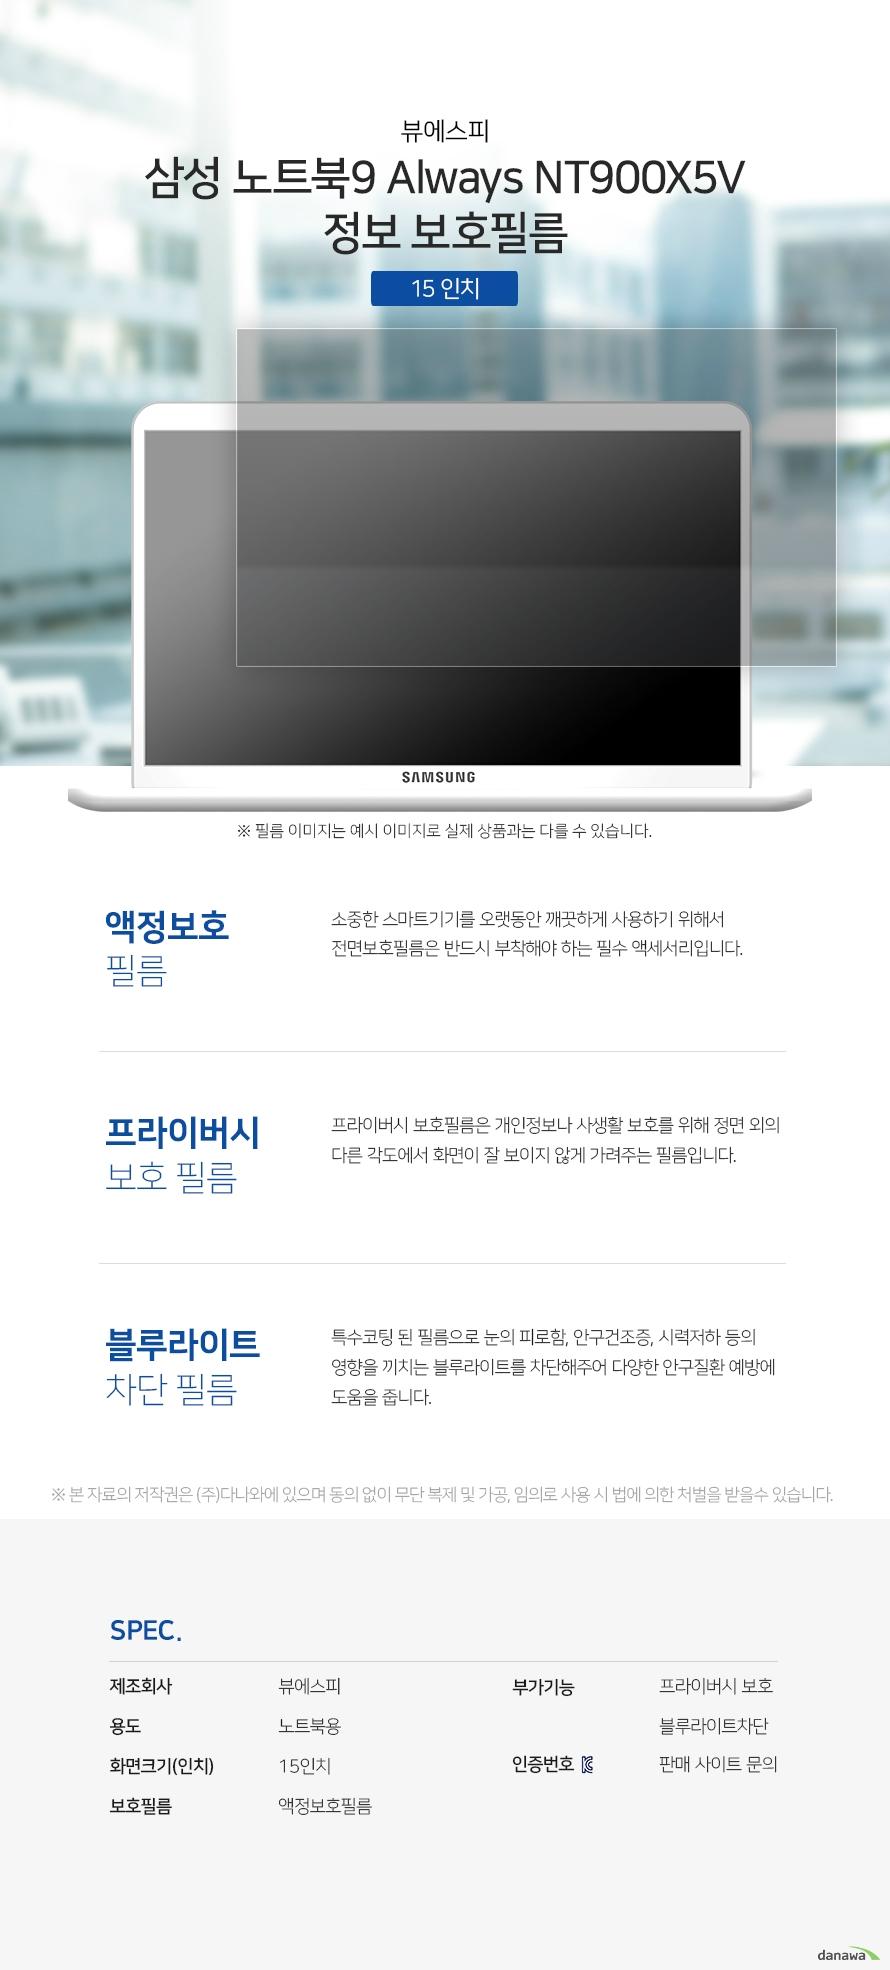 뷰에스피 삼성 노트북9 Always NT900X5V 정보 보호필름 상세 스펙 액정보호용품 / 노트북용 / 액정보호필름 / 15인치 / Privacy보호 / 블루라이트차단